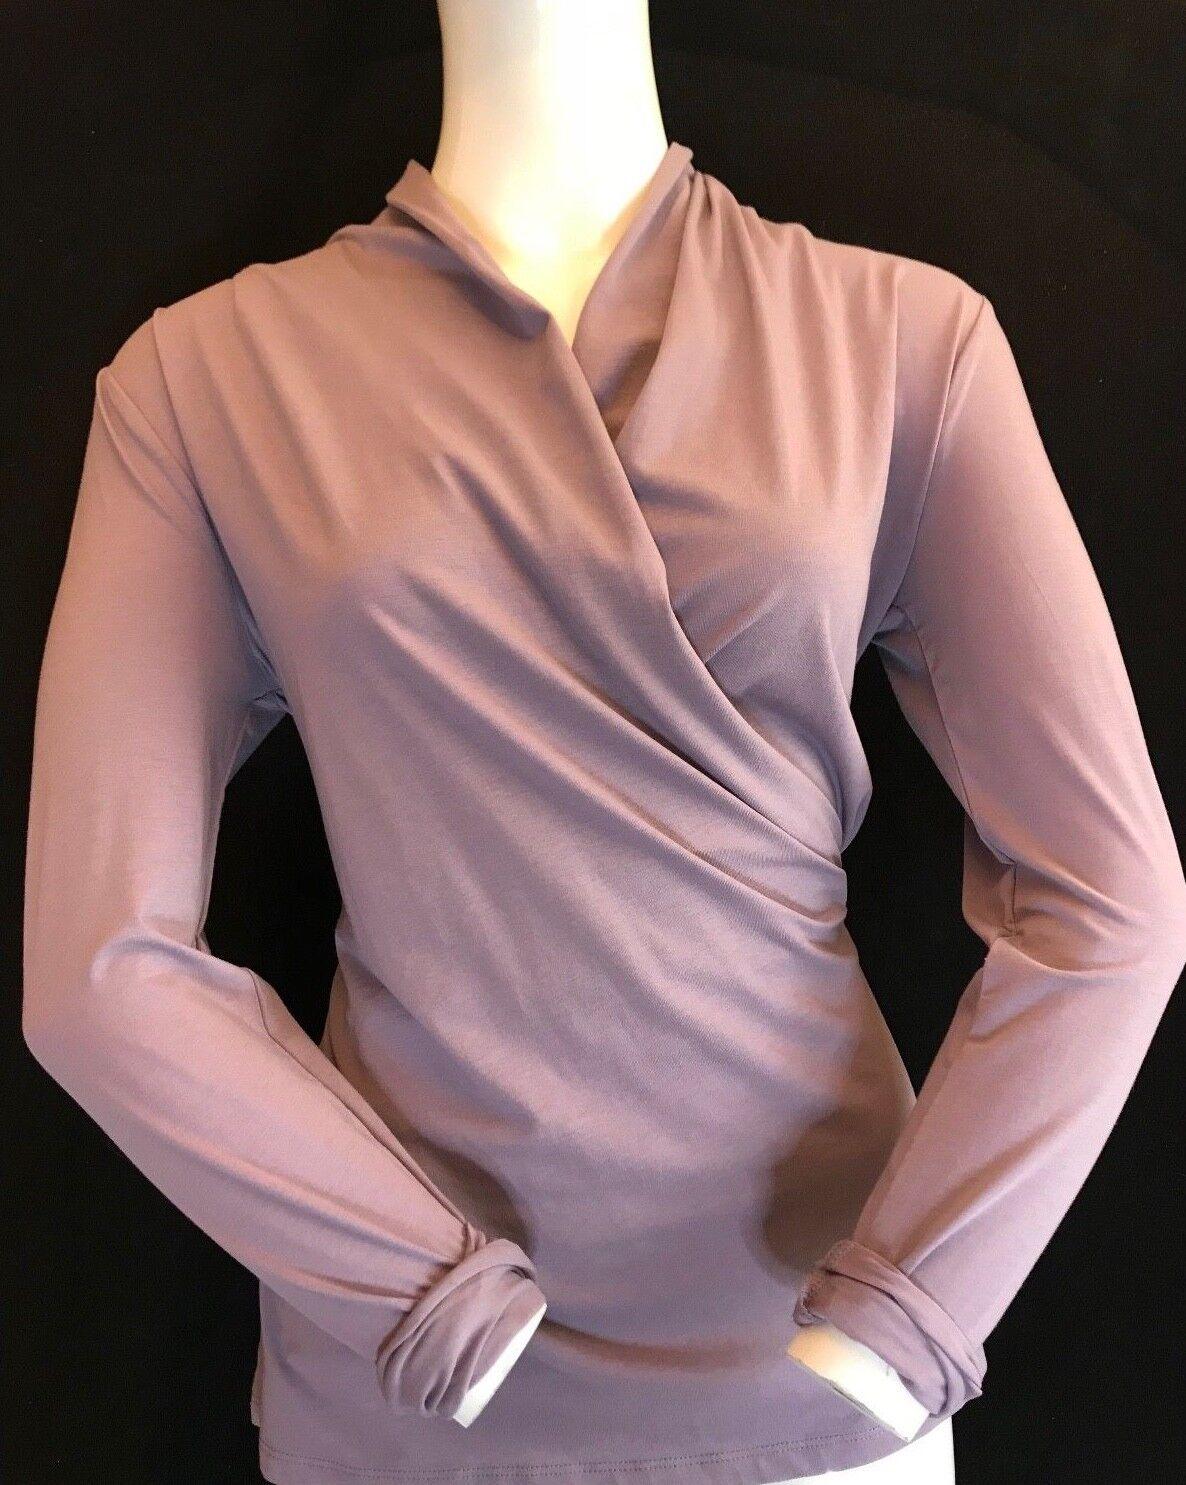 BNWT RALPH LAUREN LAVENDER FROST blousetop Cotone a Maniche Lunghe Taglia M Prezzo Consigliato